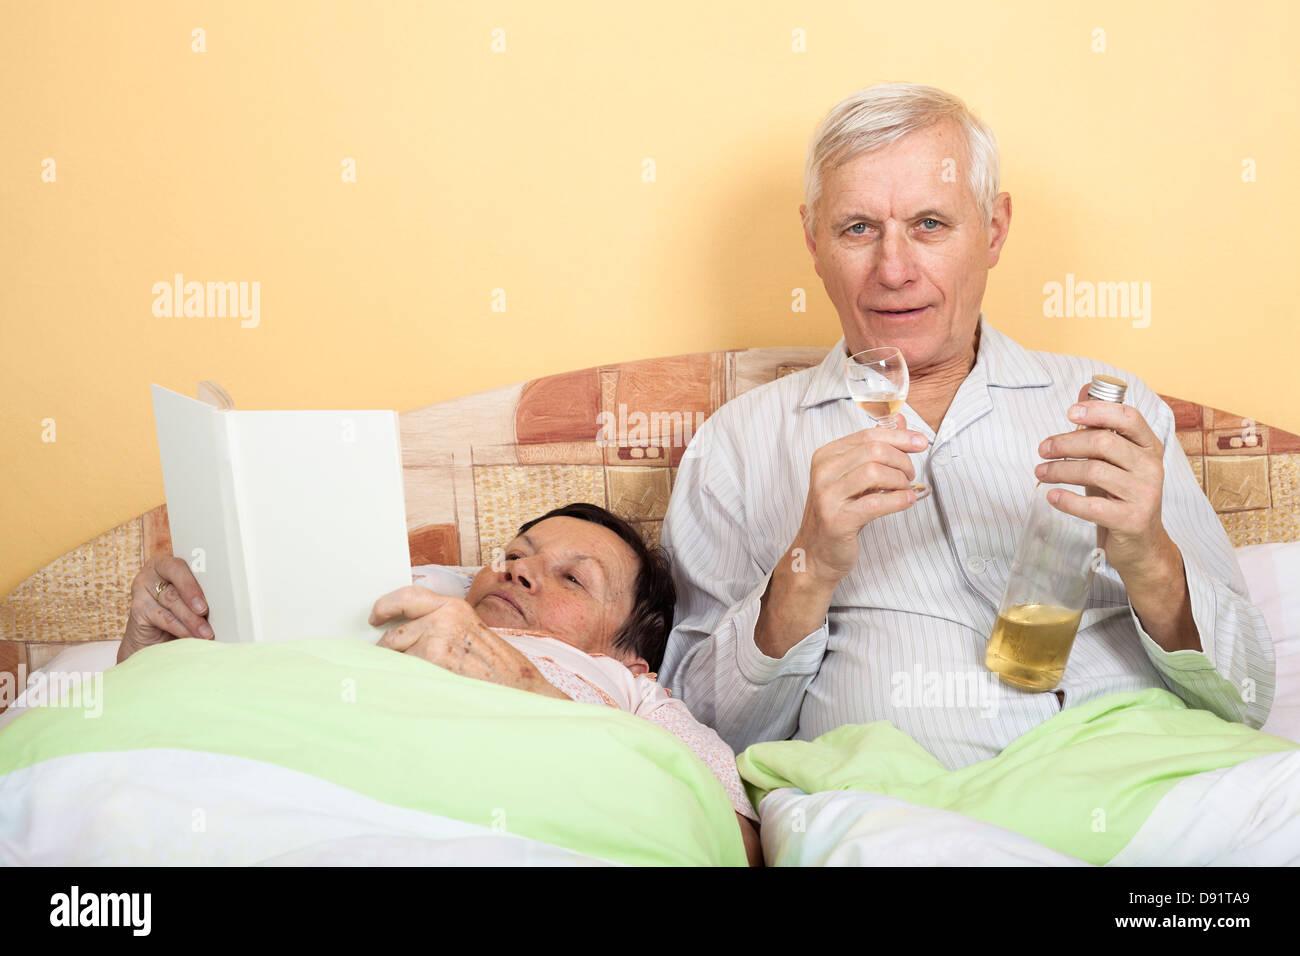 Coppia senior di riposo in letto con alcool e prenota Foto Stock